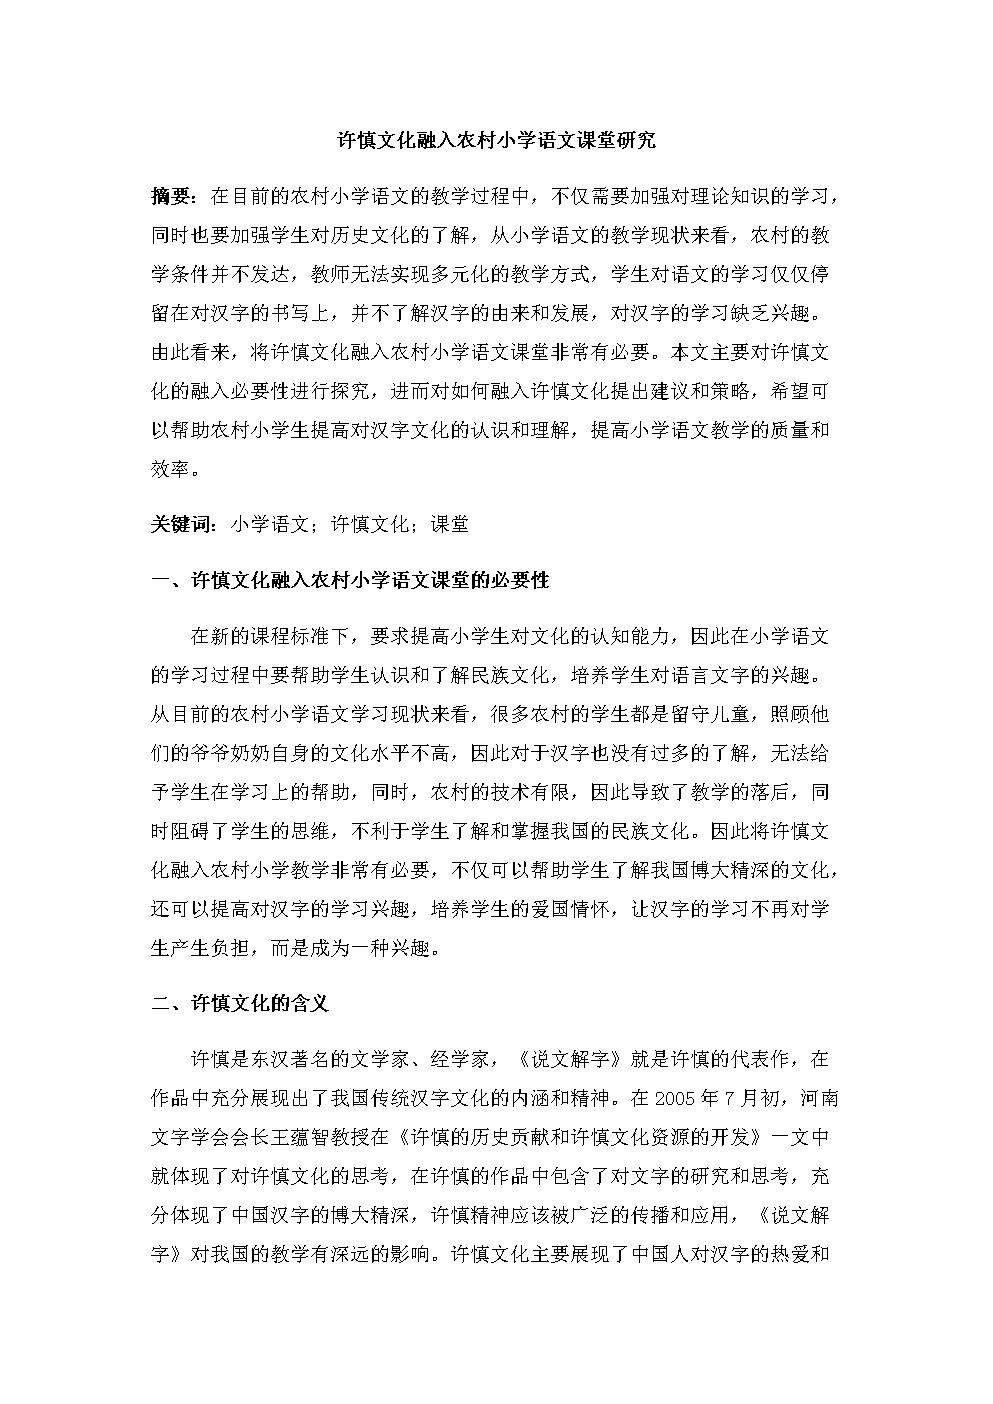 T010805+許慎文化融入農村小學語文課堂研究.docx